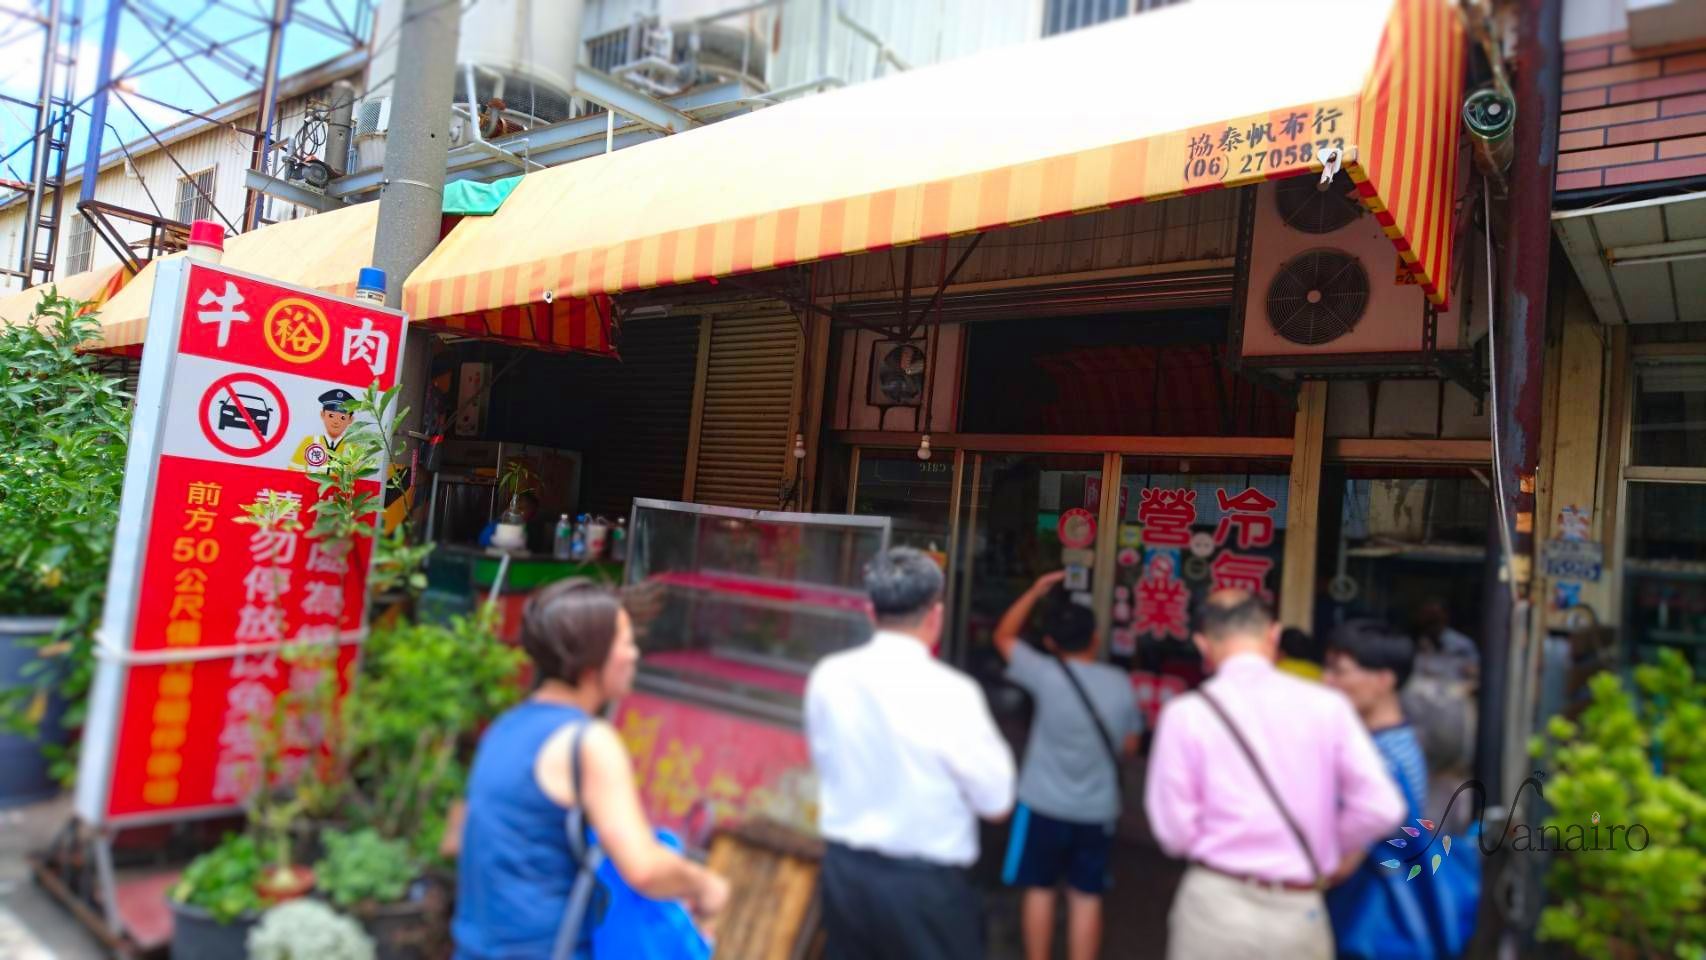 感動!台南で1番美味しい牛肉店!?「阿裕牛肉湯」店